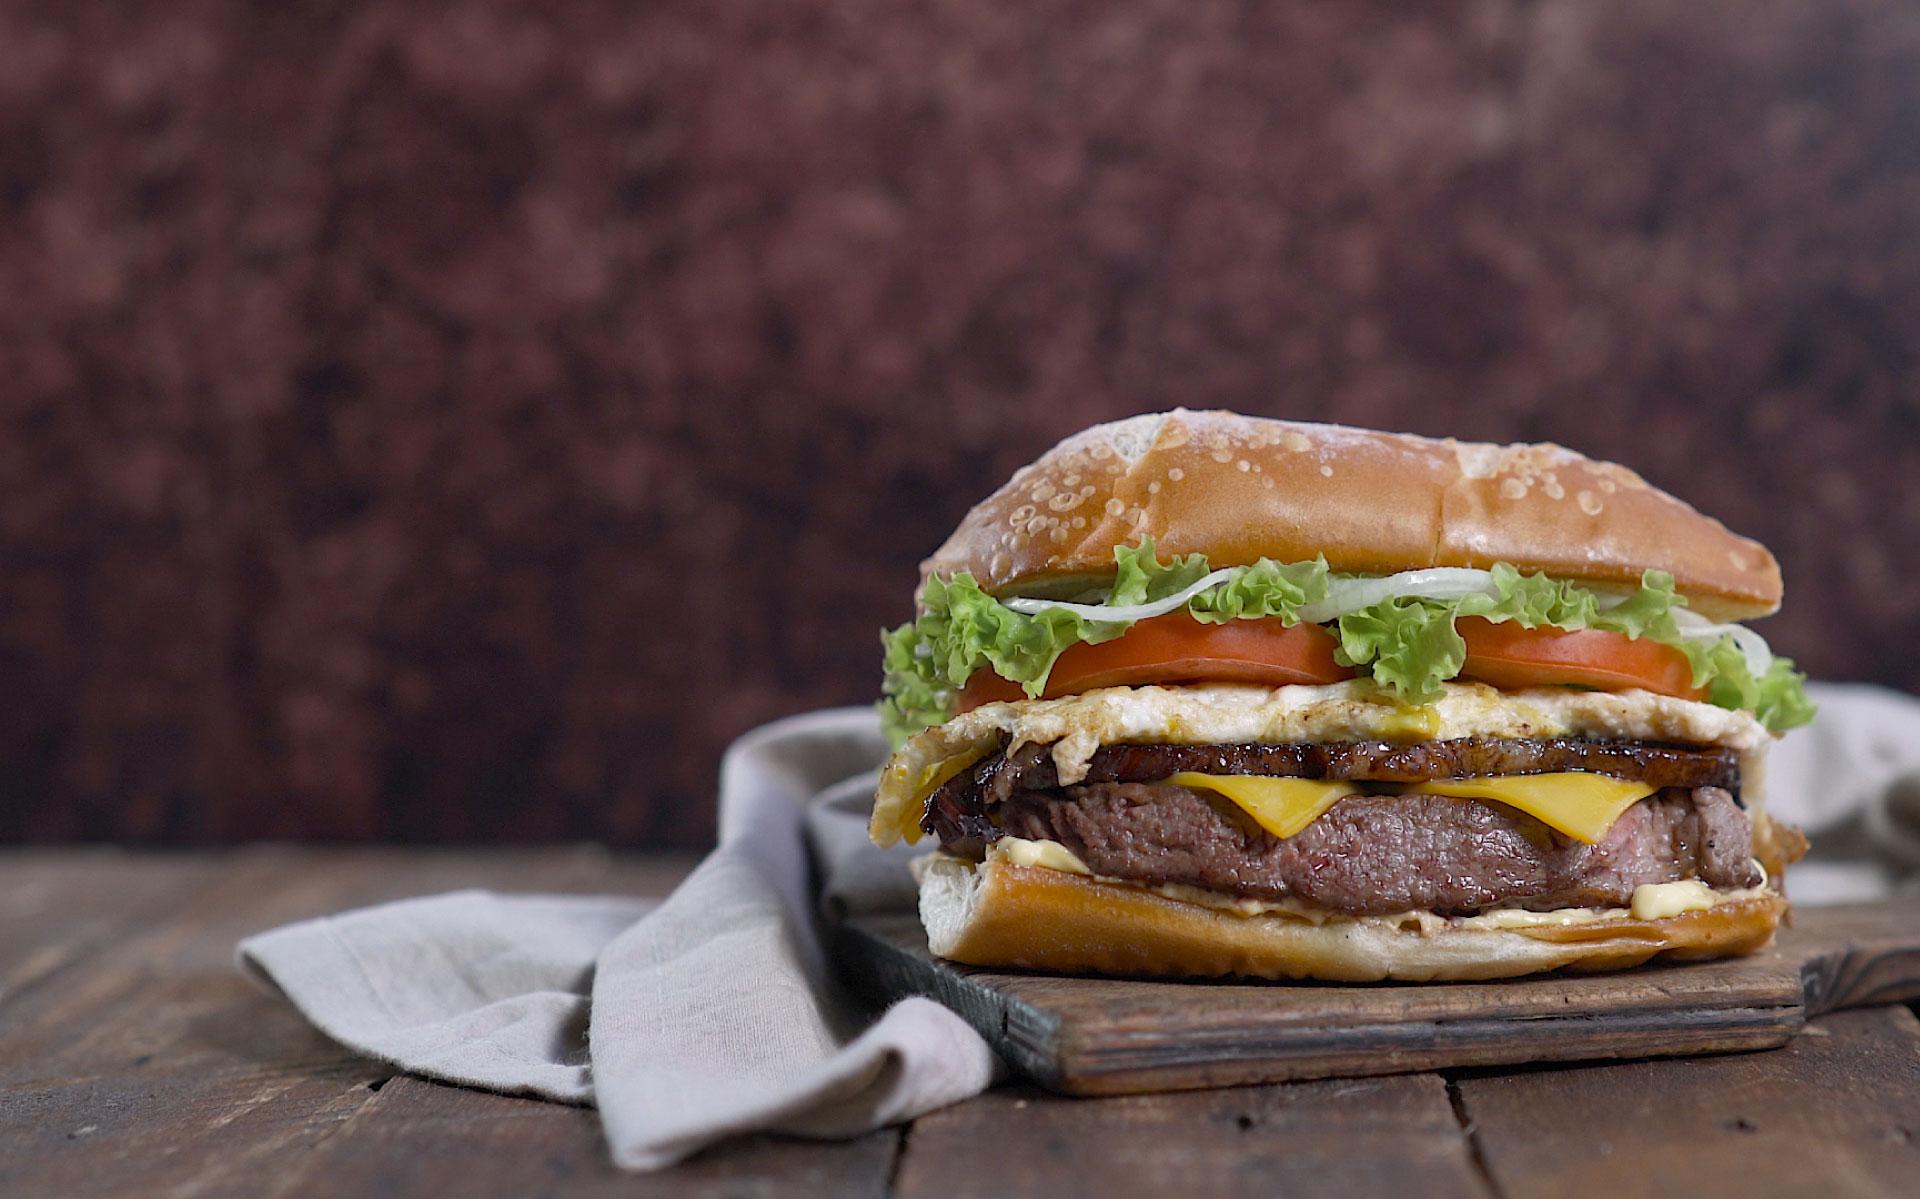 Nuevo Steak Sandwich                       La combinación perfecta de bife de chorizo con lechuga, tomate,                        cebolla morada, huevo y doble cheddar. Llegó para tentarte!